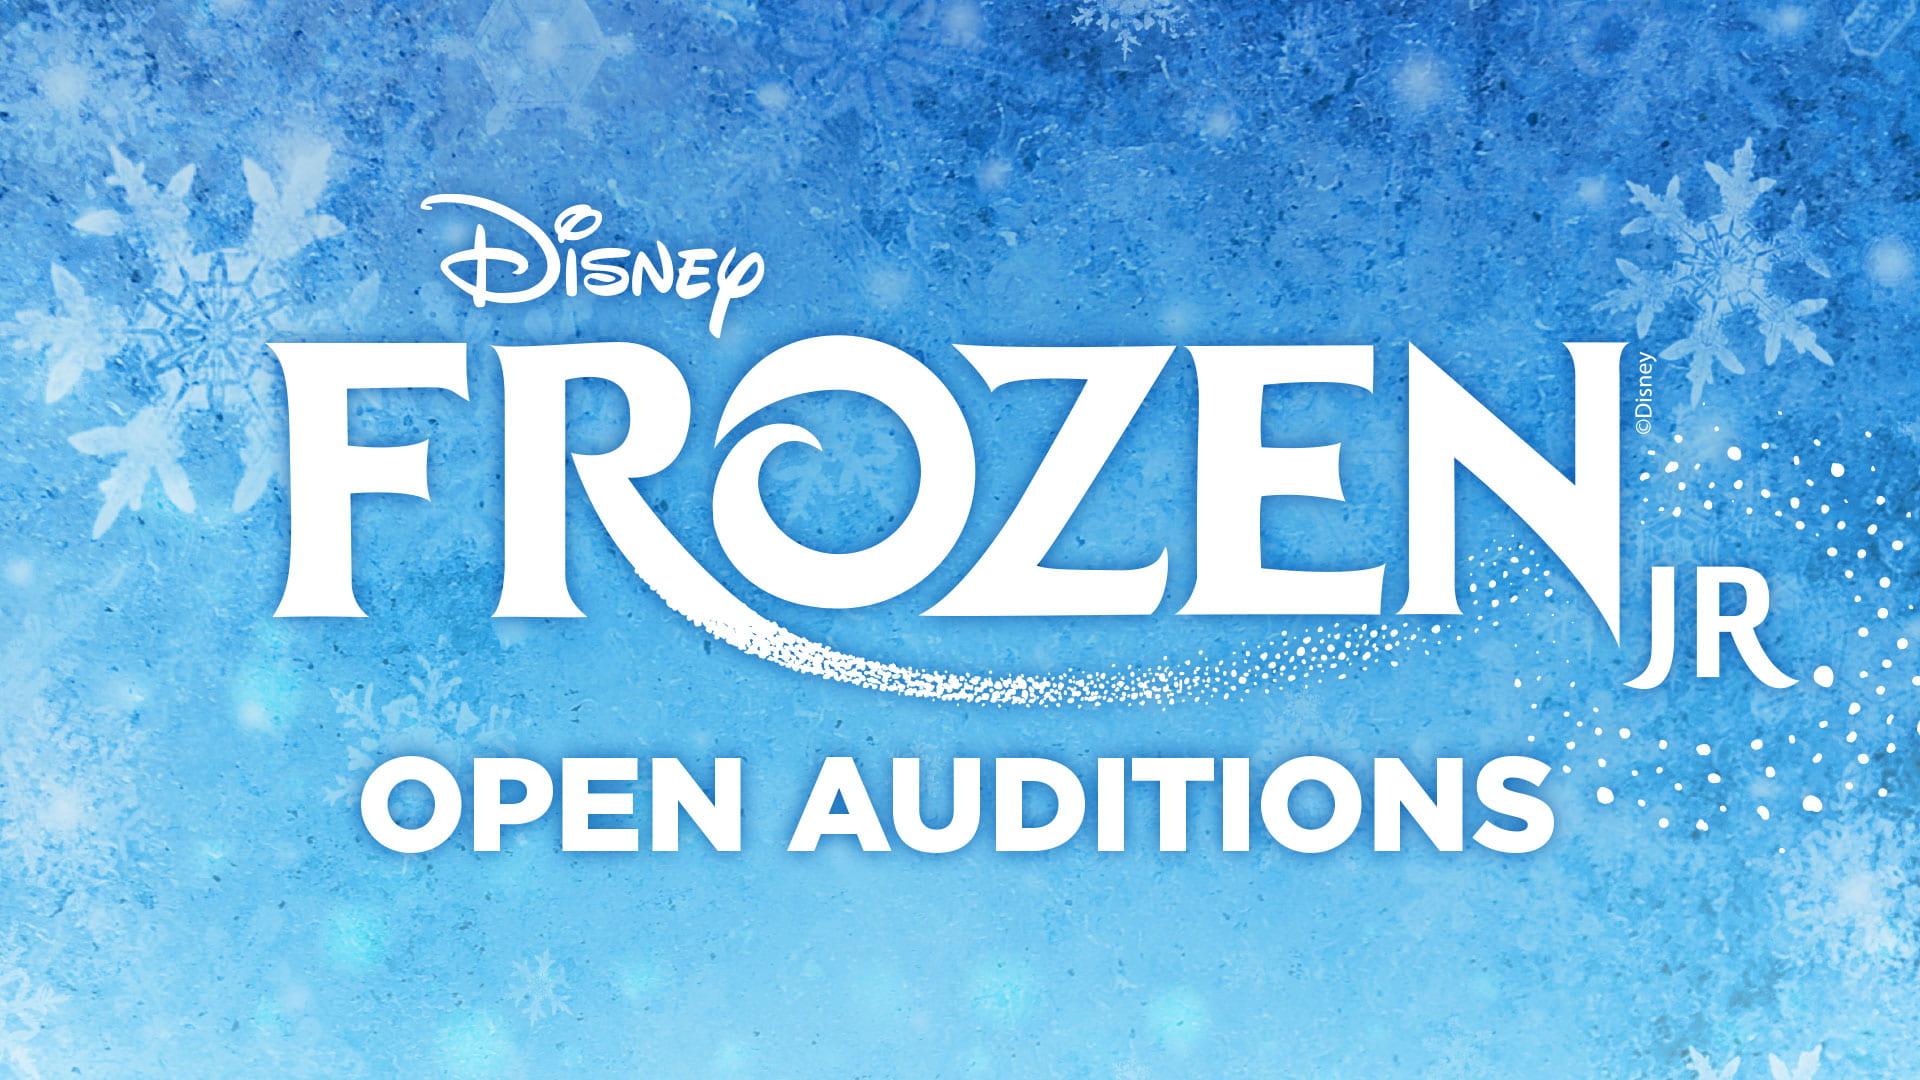 Frozen Jr. - Open Auditions